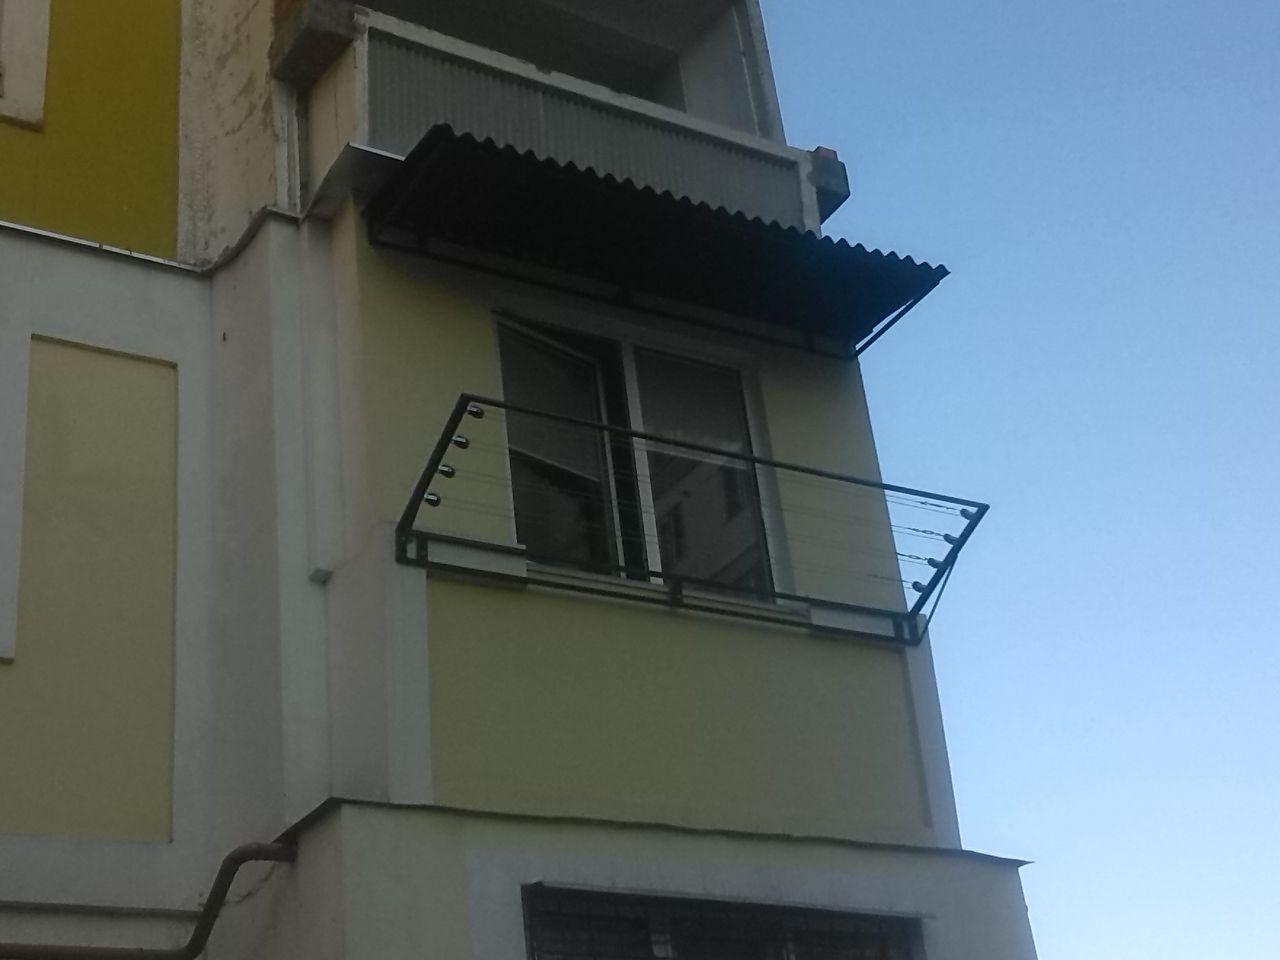 Кронштейн для белья на балкон.